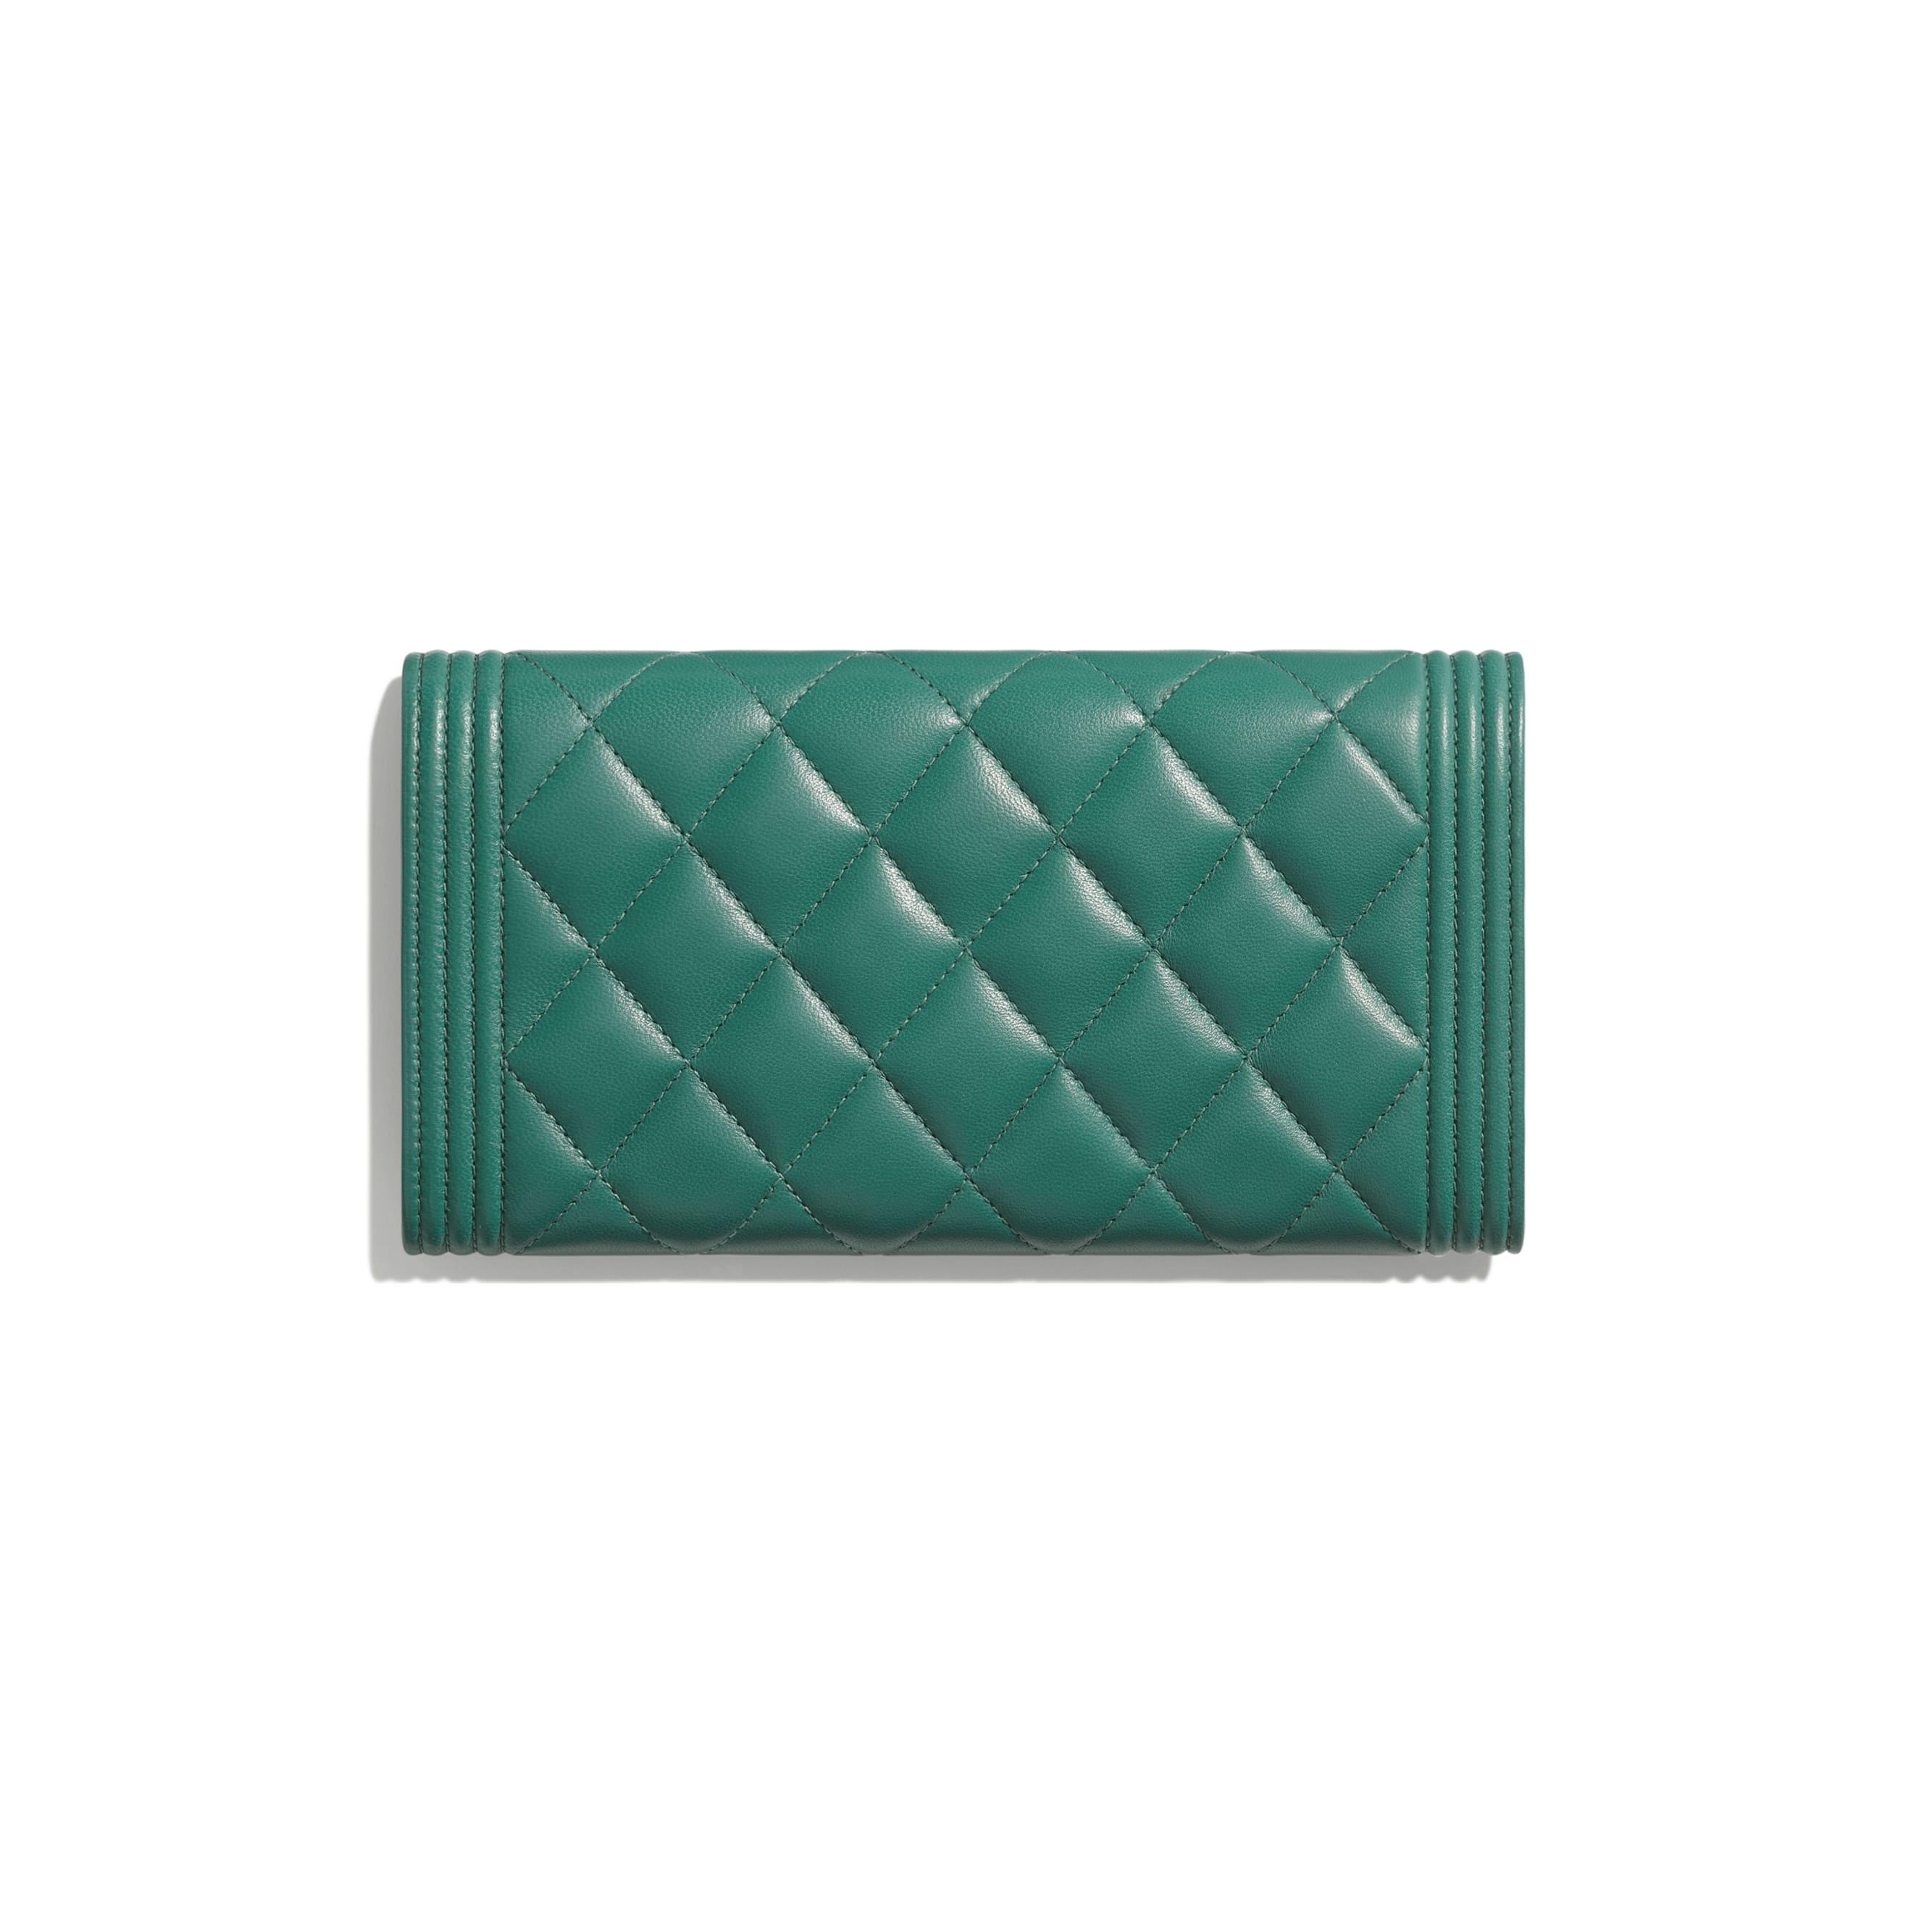 BOY CHANEL Long Flap Wallet - Green - Lambskin - Alternative view - see standard sized version